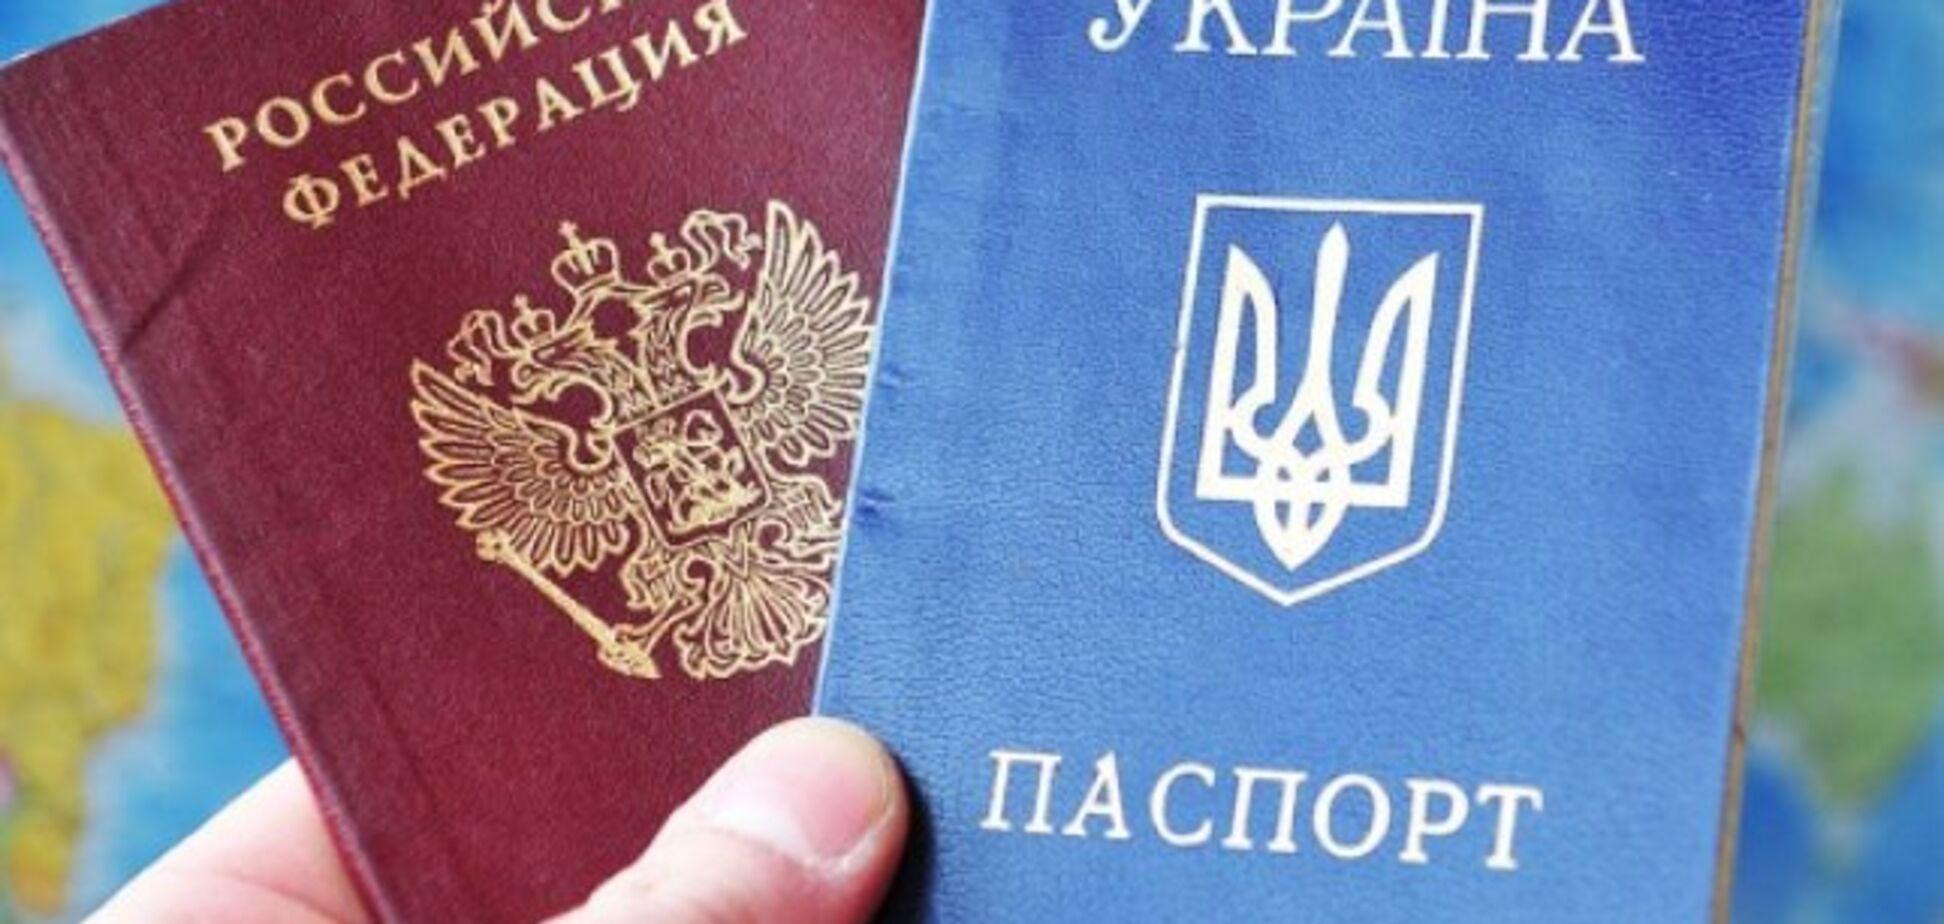 Жителів Криму і Донбасу позбавлять громадянства? Що задумали в Раді